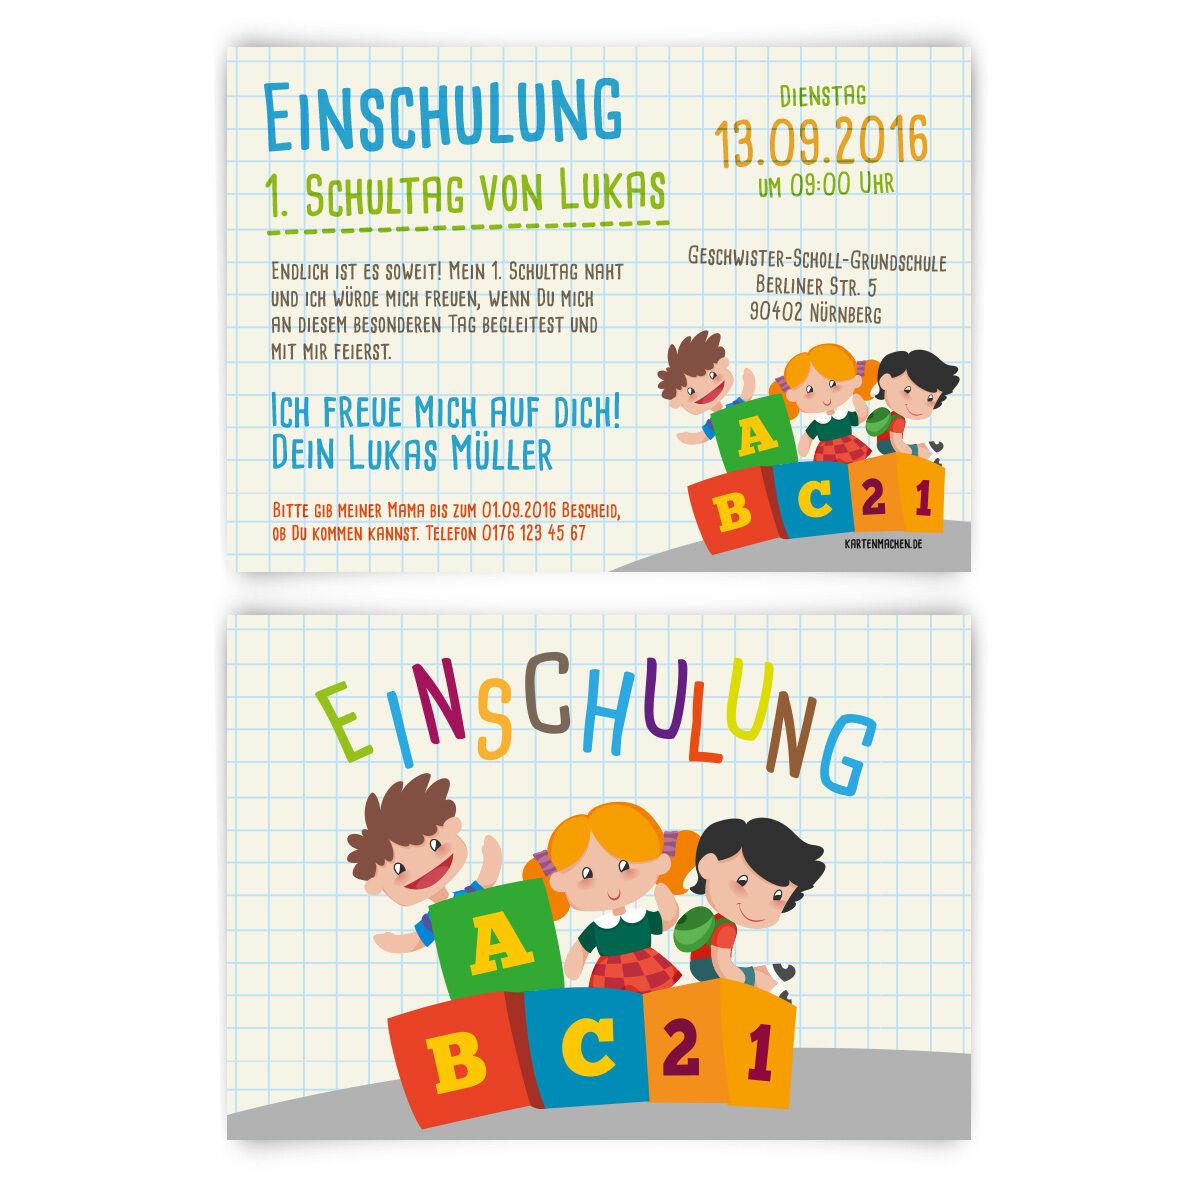 Einladungskarten zur Einschulung - ABC Kinder Bauklötze Schule Motiv Einladung   | Billiger als der Preis  | Offizielle Webseite